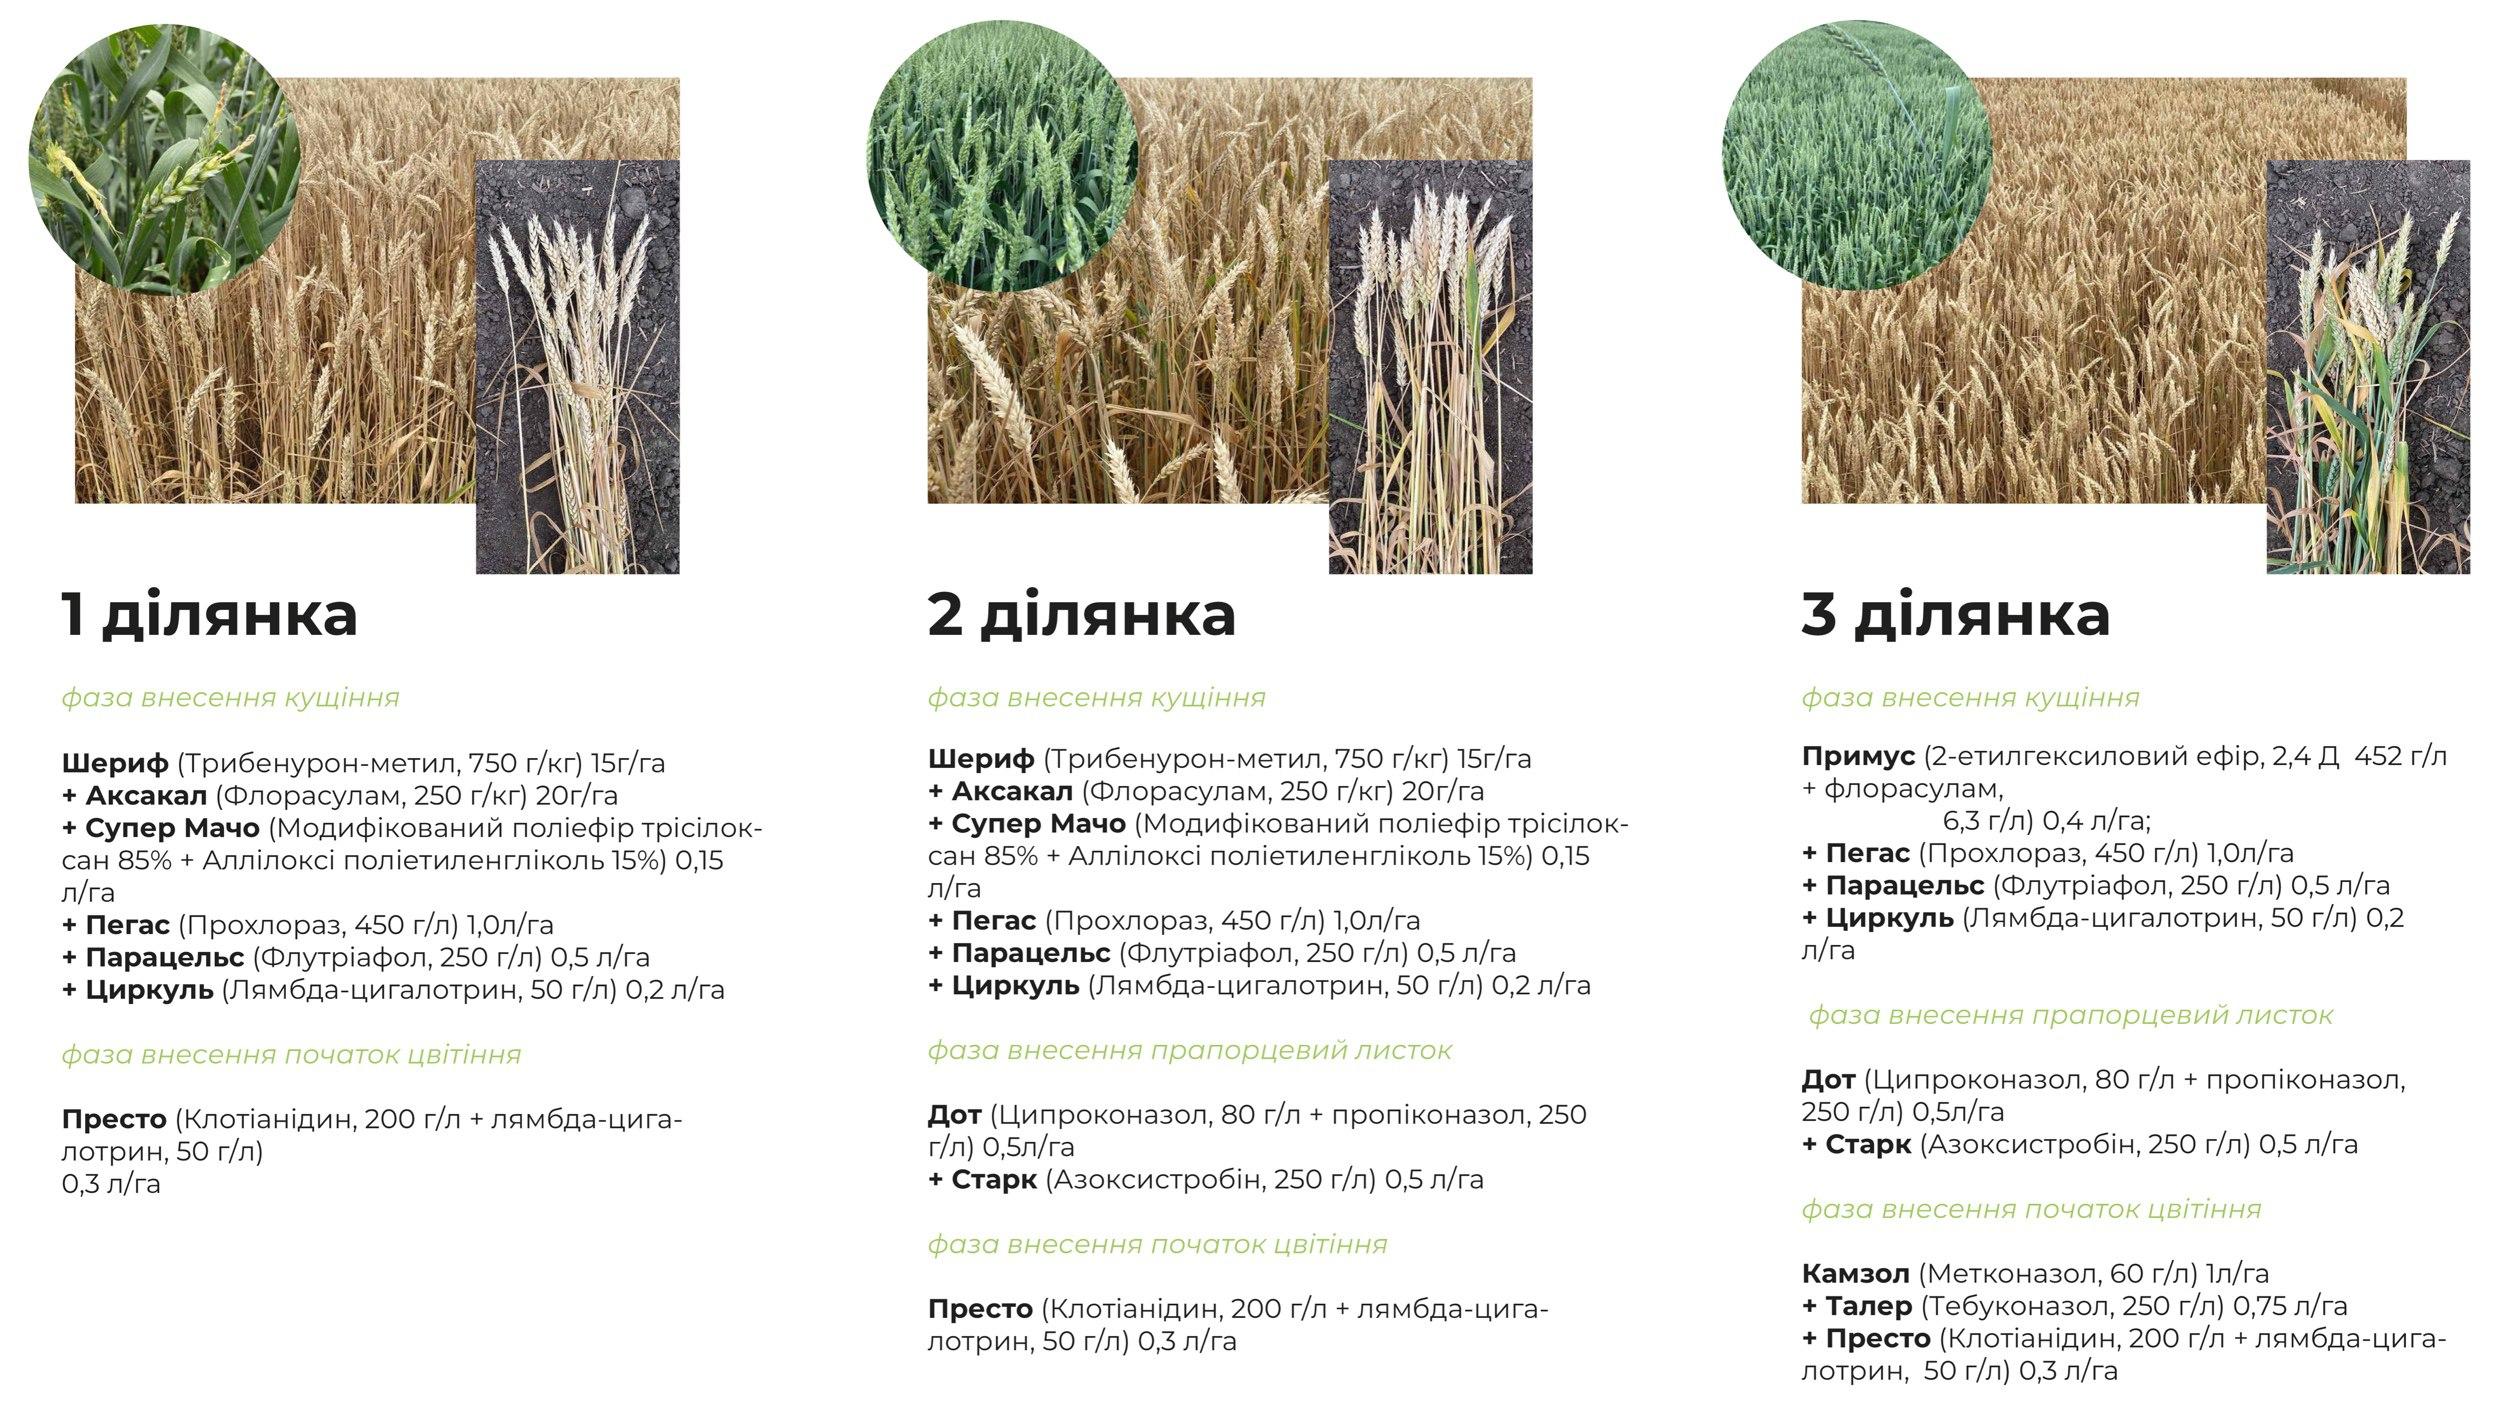 Експерти розповіли, як кількість фунгіцидних обробок впливає на врожай ярої пшениці фото 2 LNZ Group